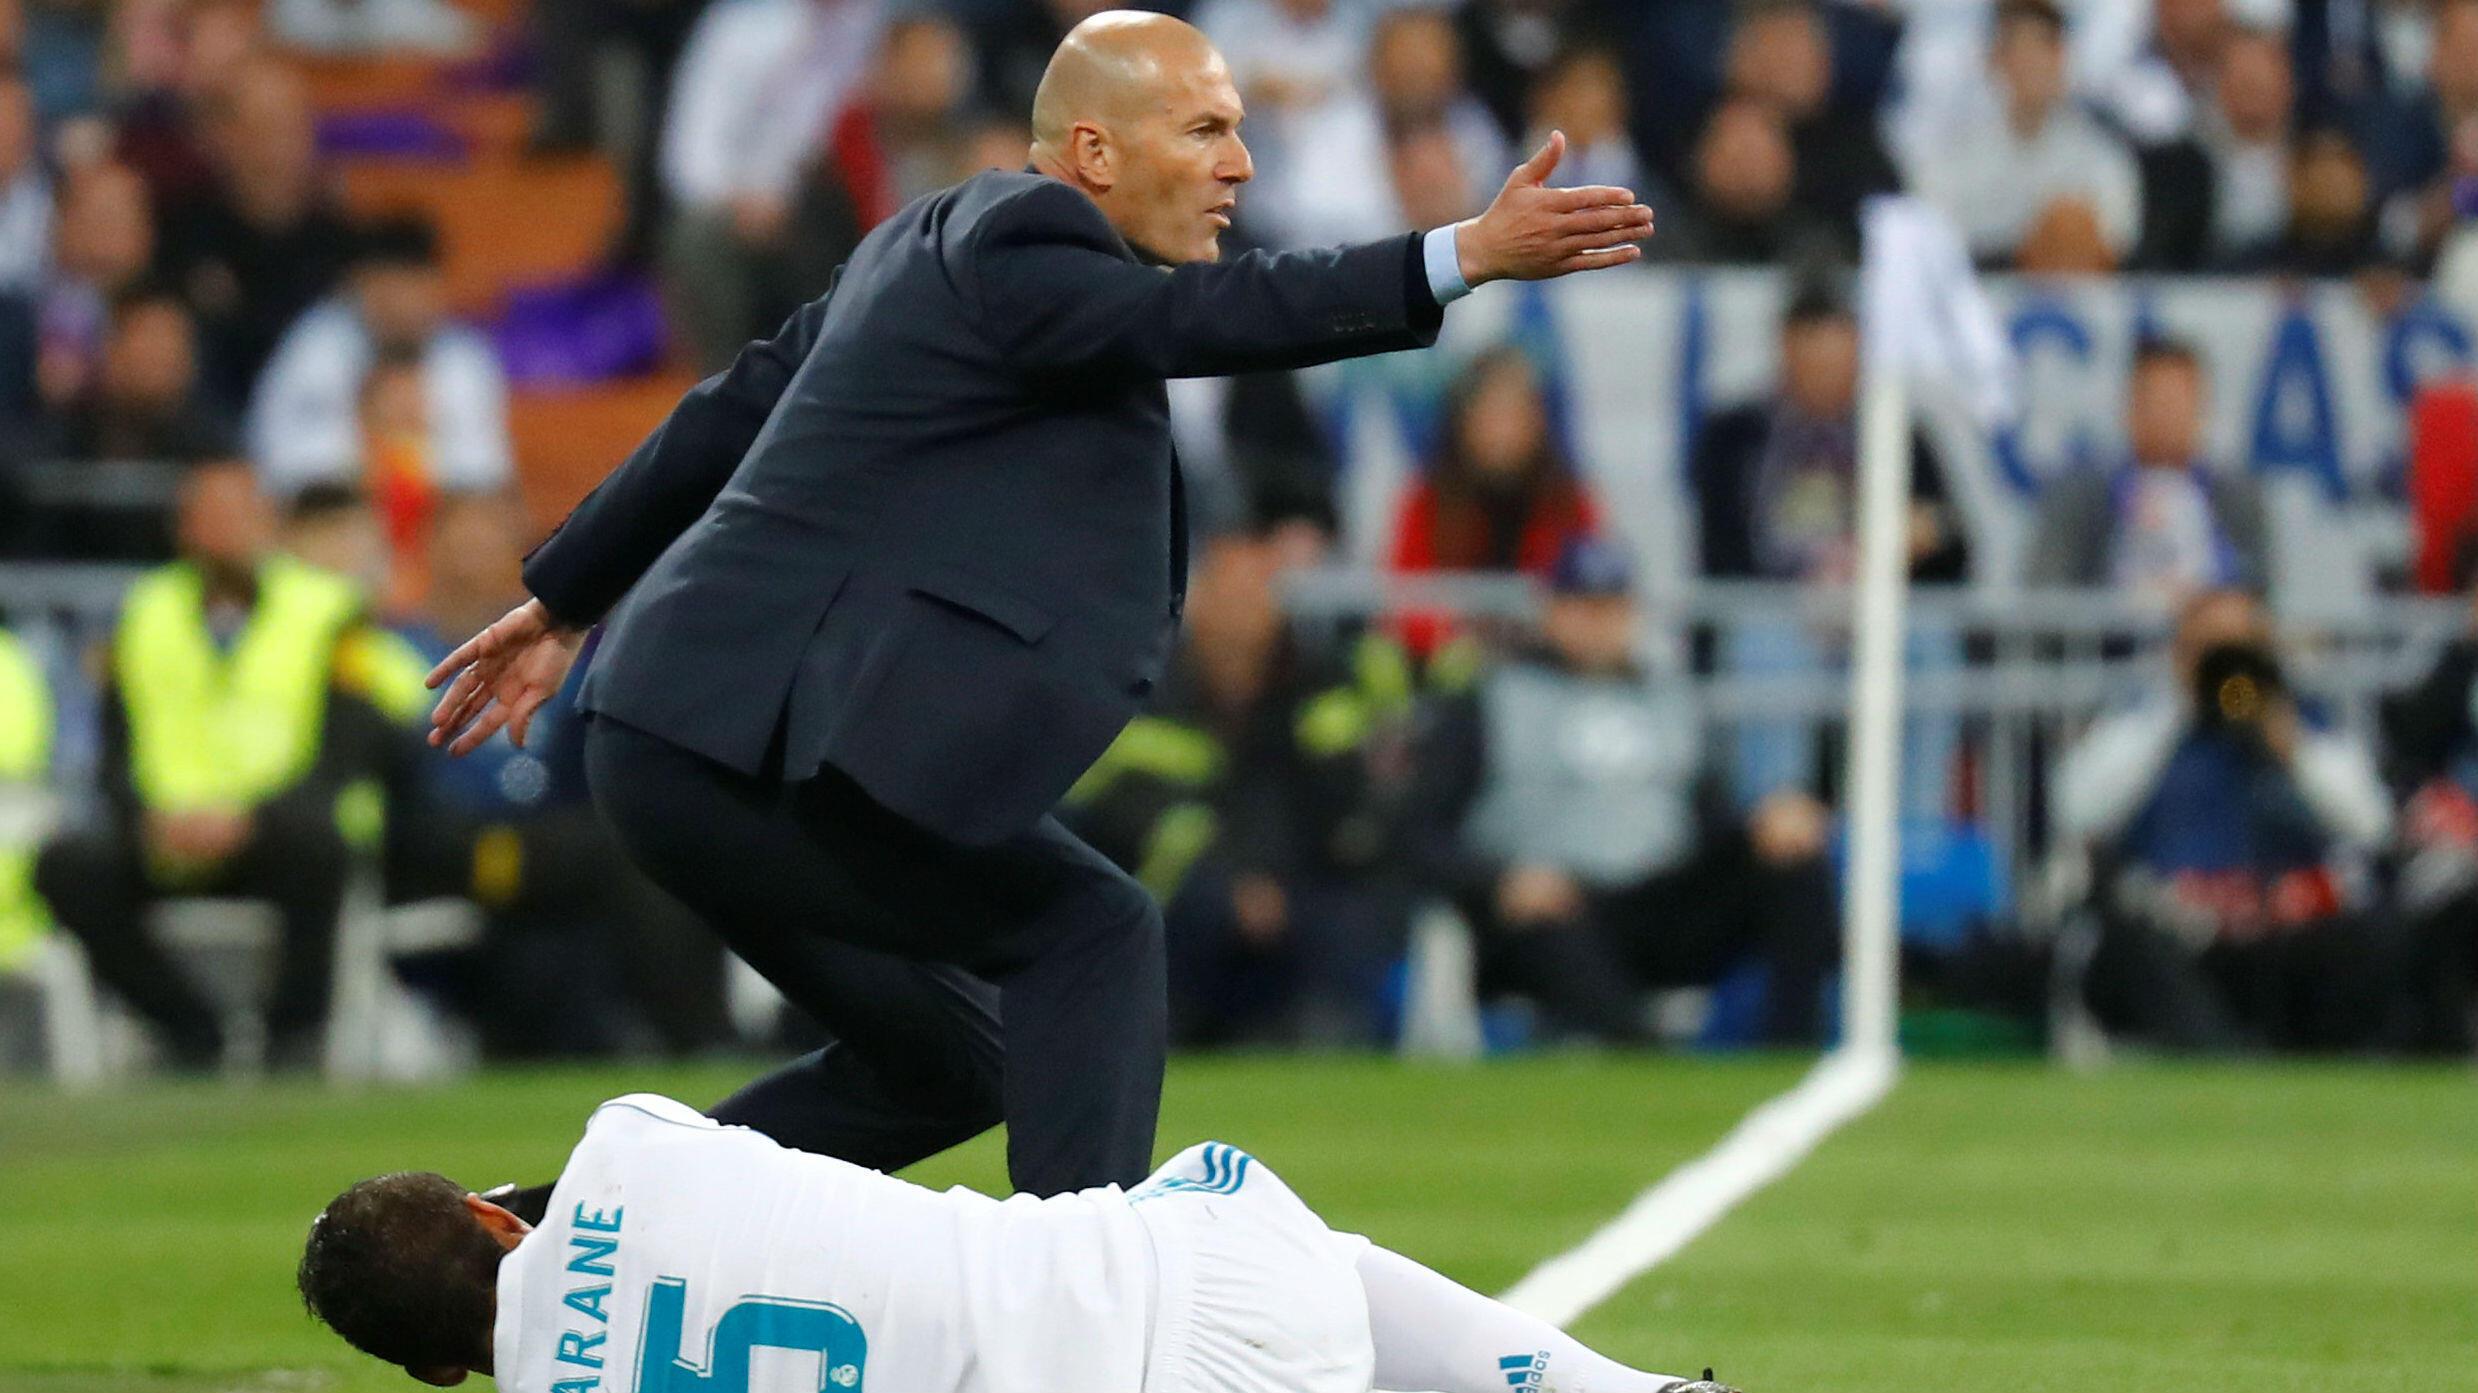 En la semifinal de la Champions League, el jugador madridista Raphael Varane se queja de una lesión mientras el entrenador Zinedine Zidane reclama. Real Madrid enfrentó al Bayern Munich en el Santiago Bernabeu, Madrid, España, el 1 de mayo de 2018.